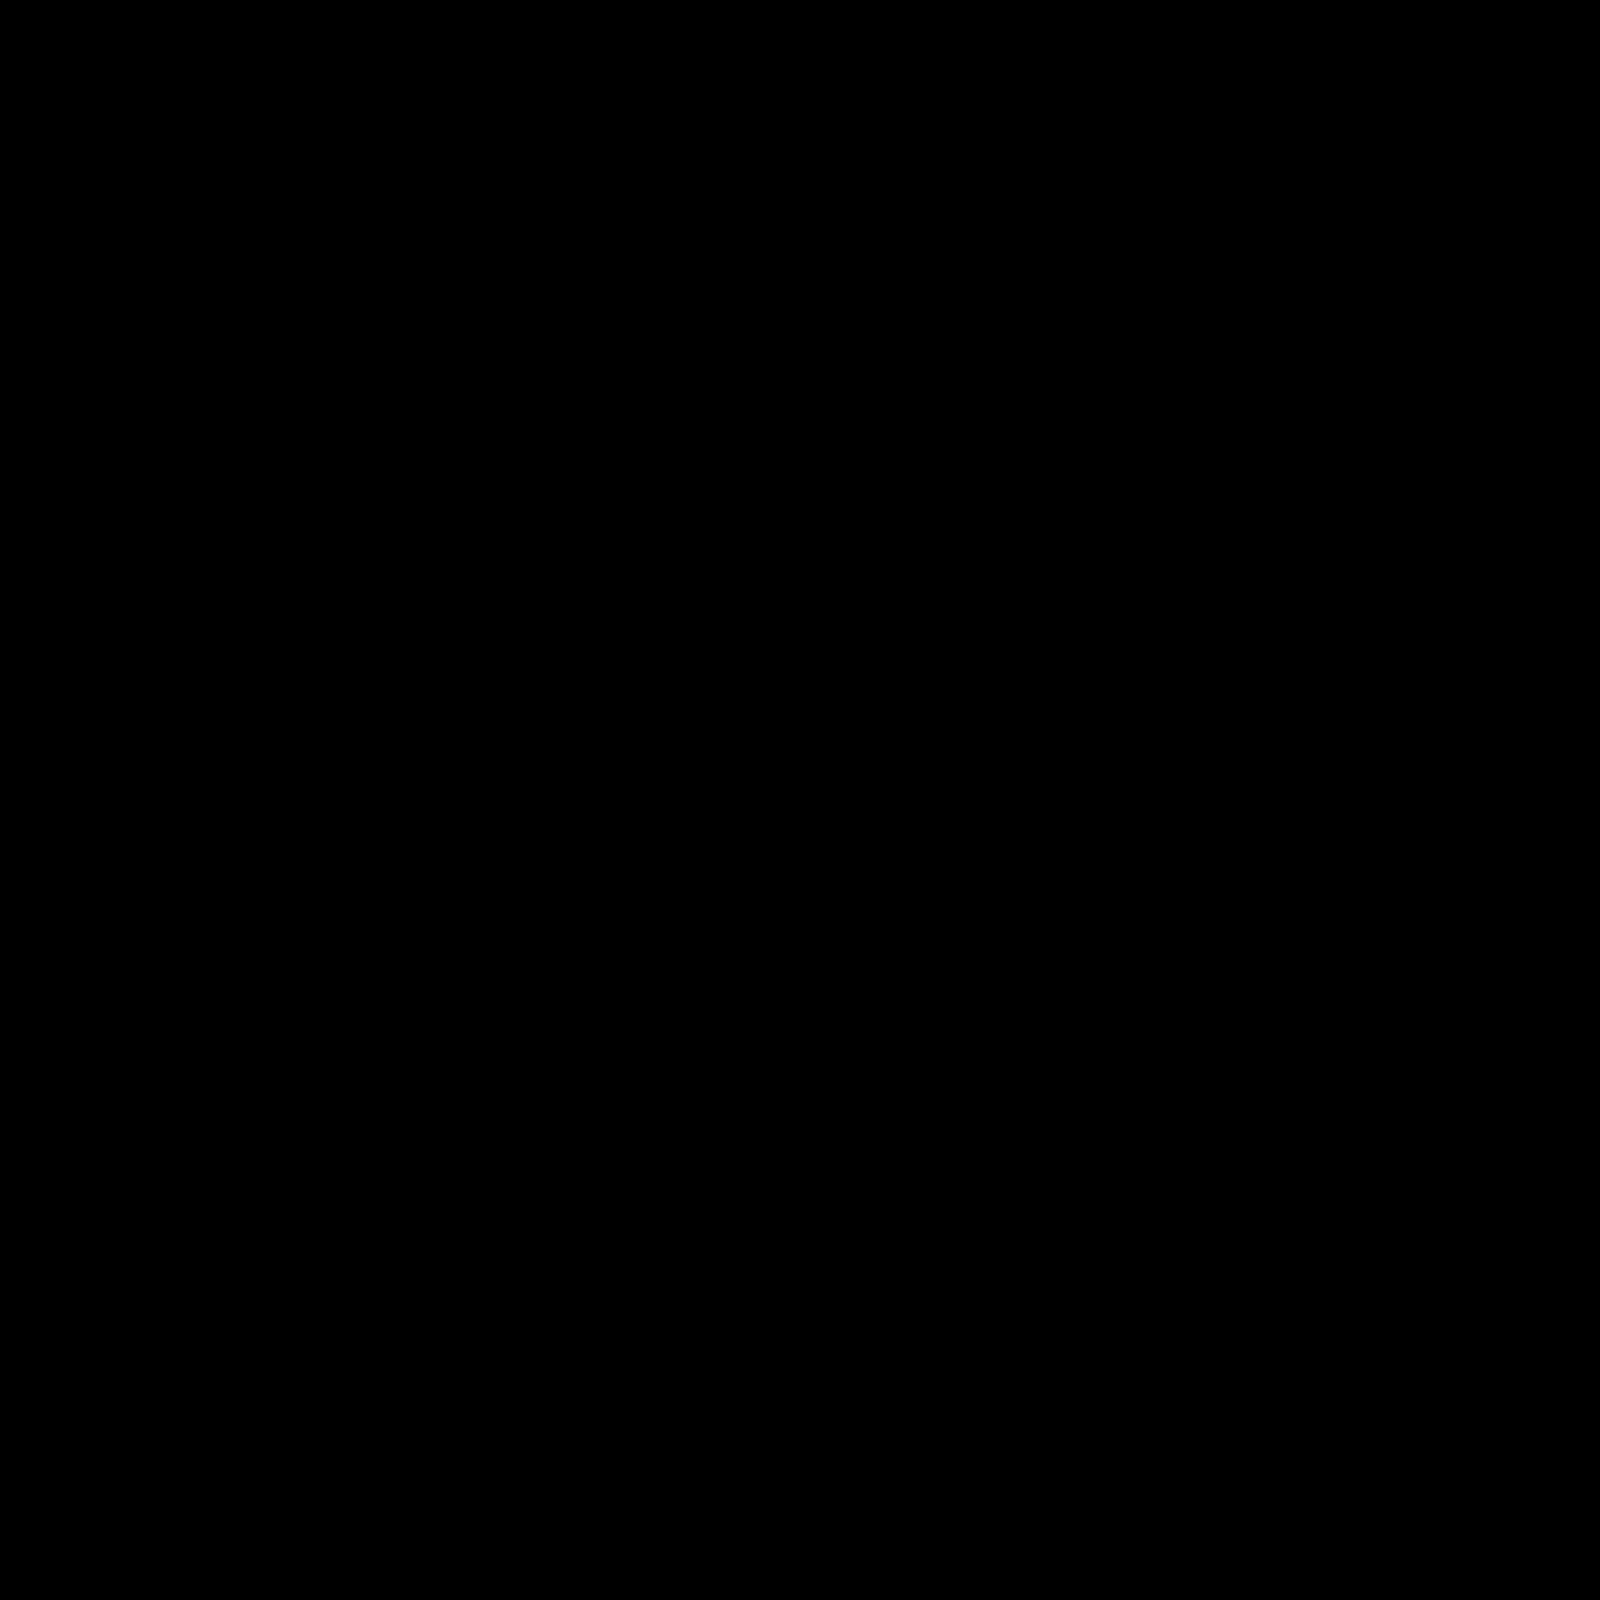 Circled Thin icon